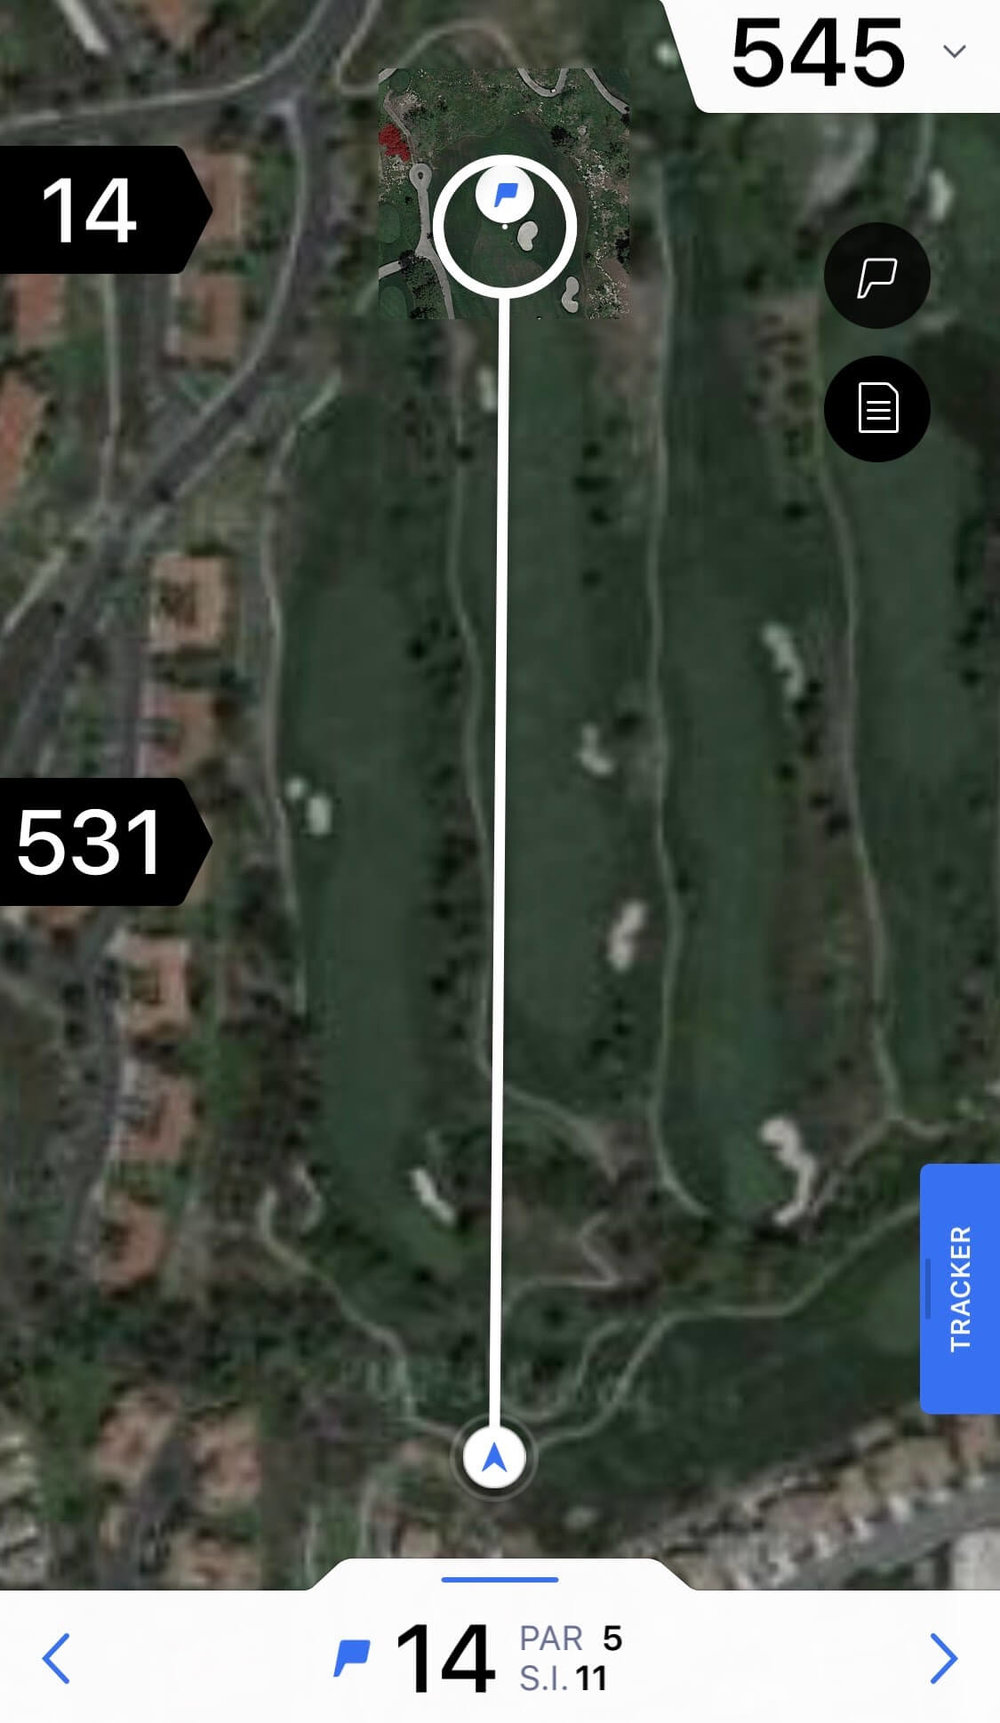 CourseGuide_Aliso_Viejo_hole14.jpg